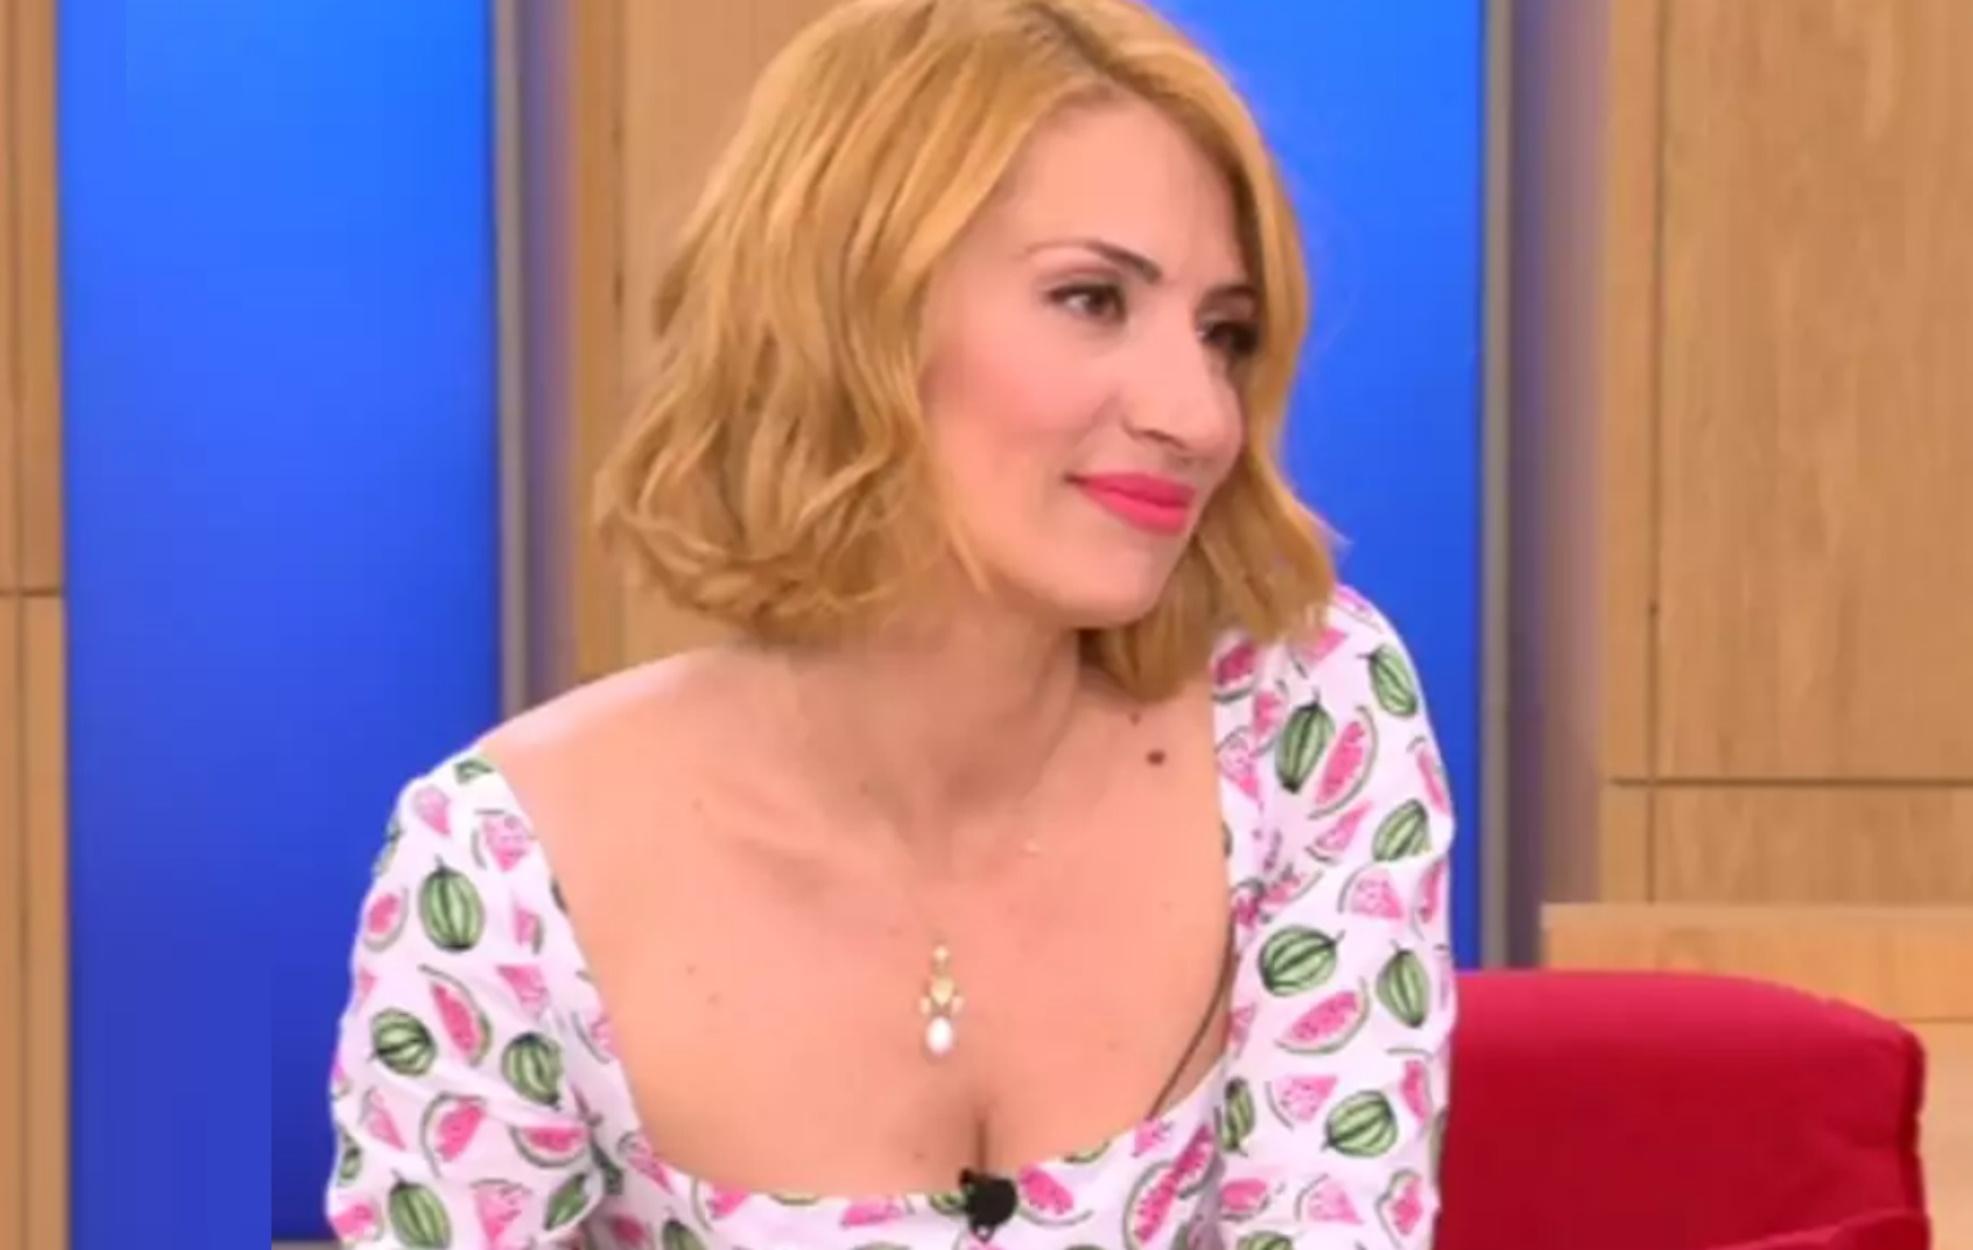 Μαρία Ηλιάκη: Αποκάλυψε πόσα κιλά έχασε μετά τη γέννα